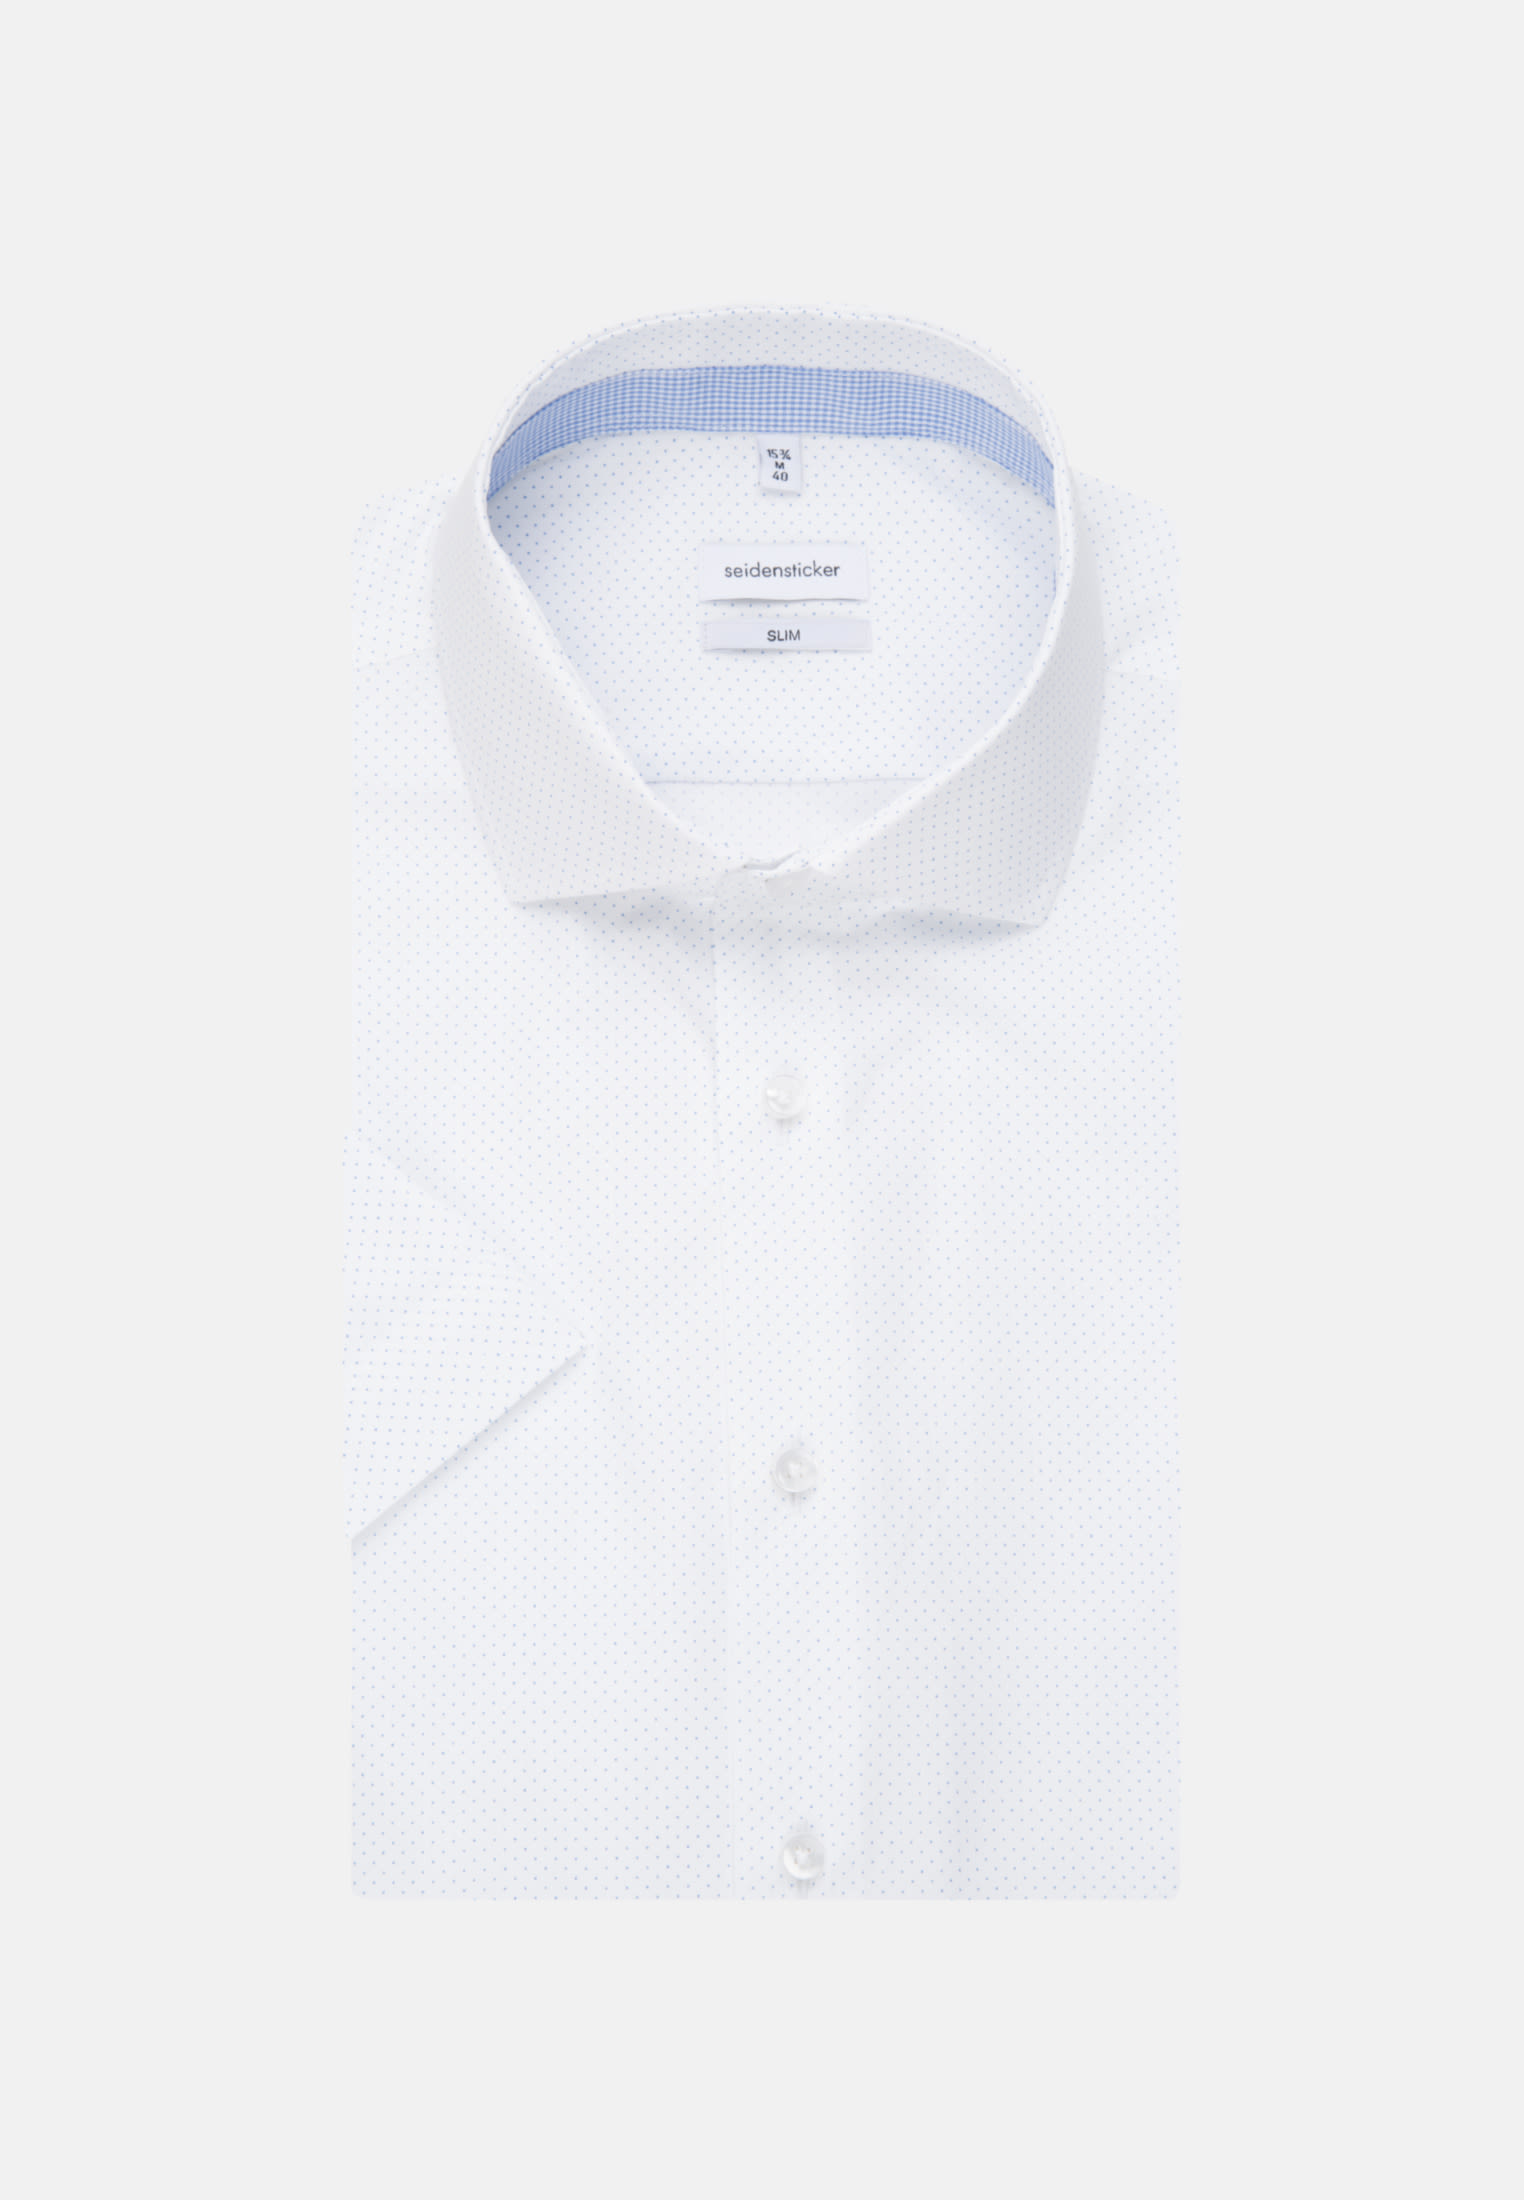 Bügelleichtes Popeline Kurzarm Business Hemd in Slim mit Kentkragen in Weiß |  Seidensticker Onlineshop